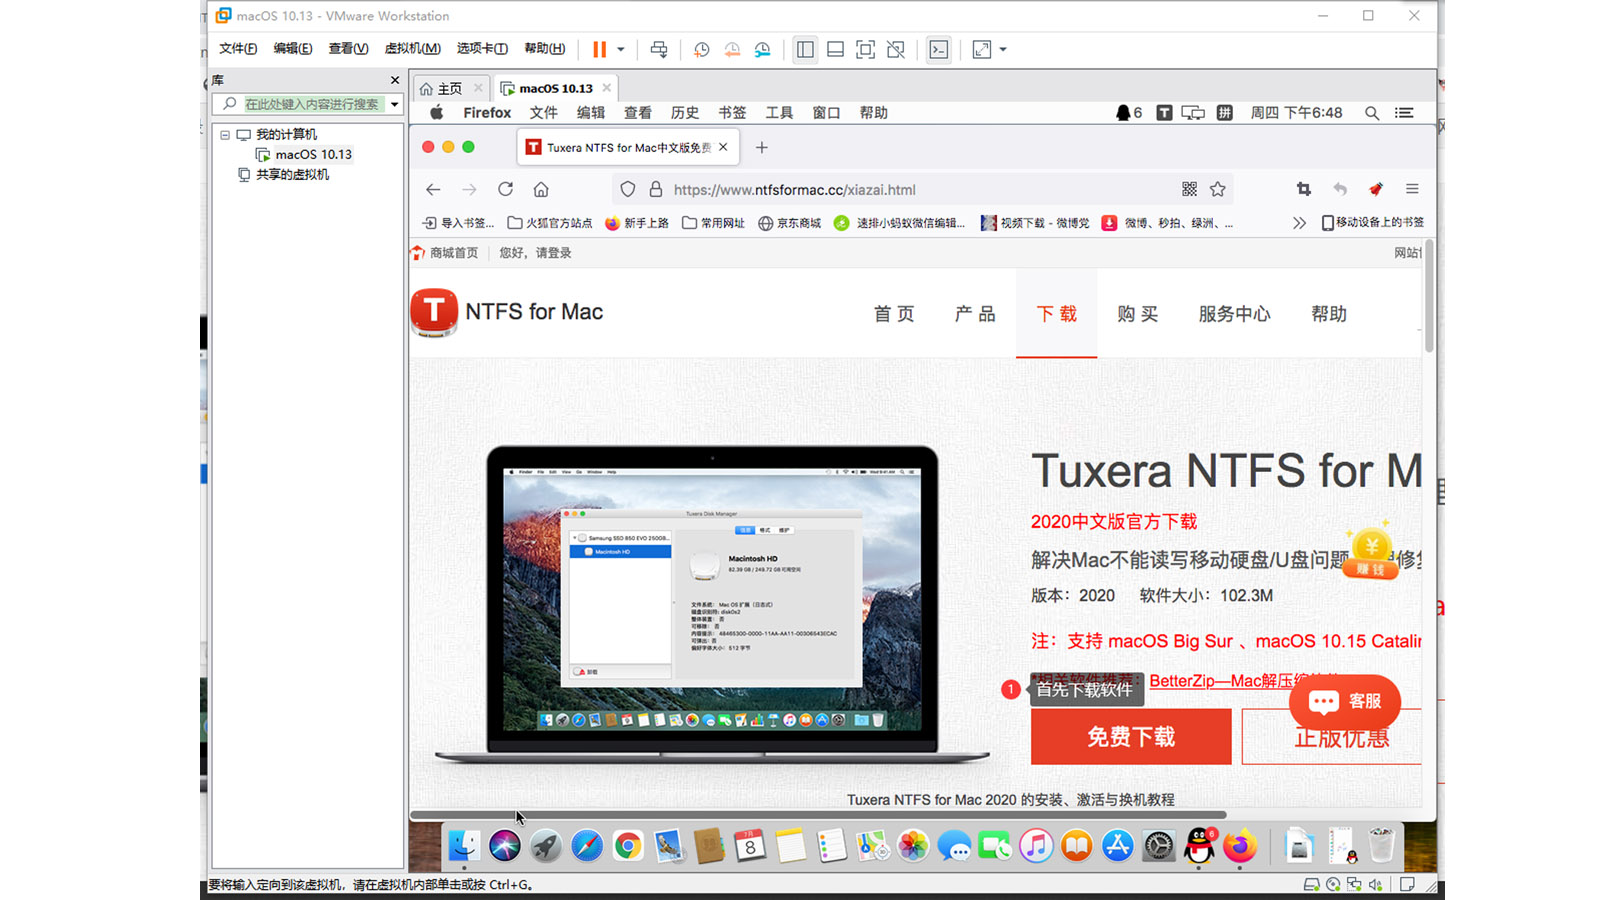 图1:虚拟机打开中文网站界面